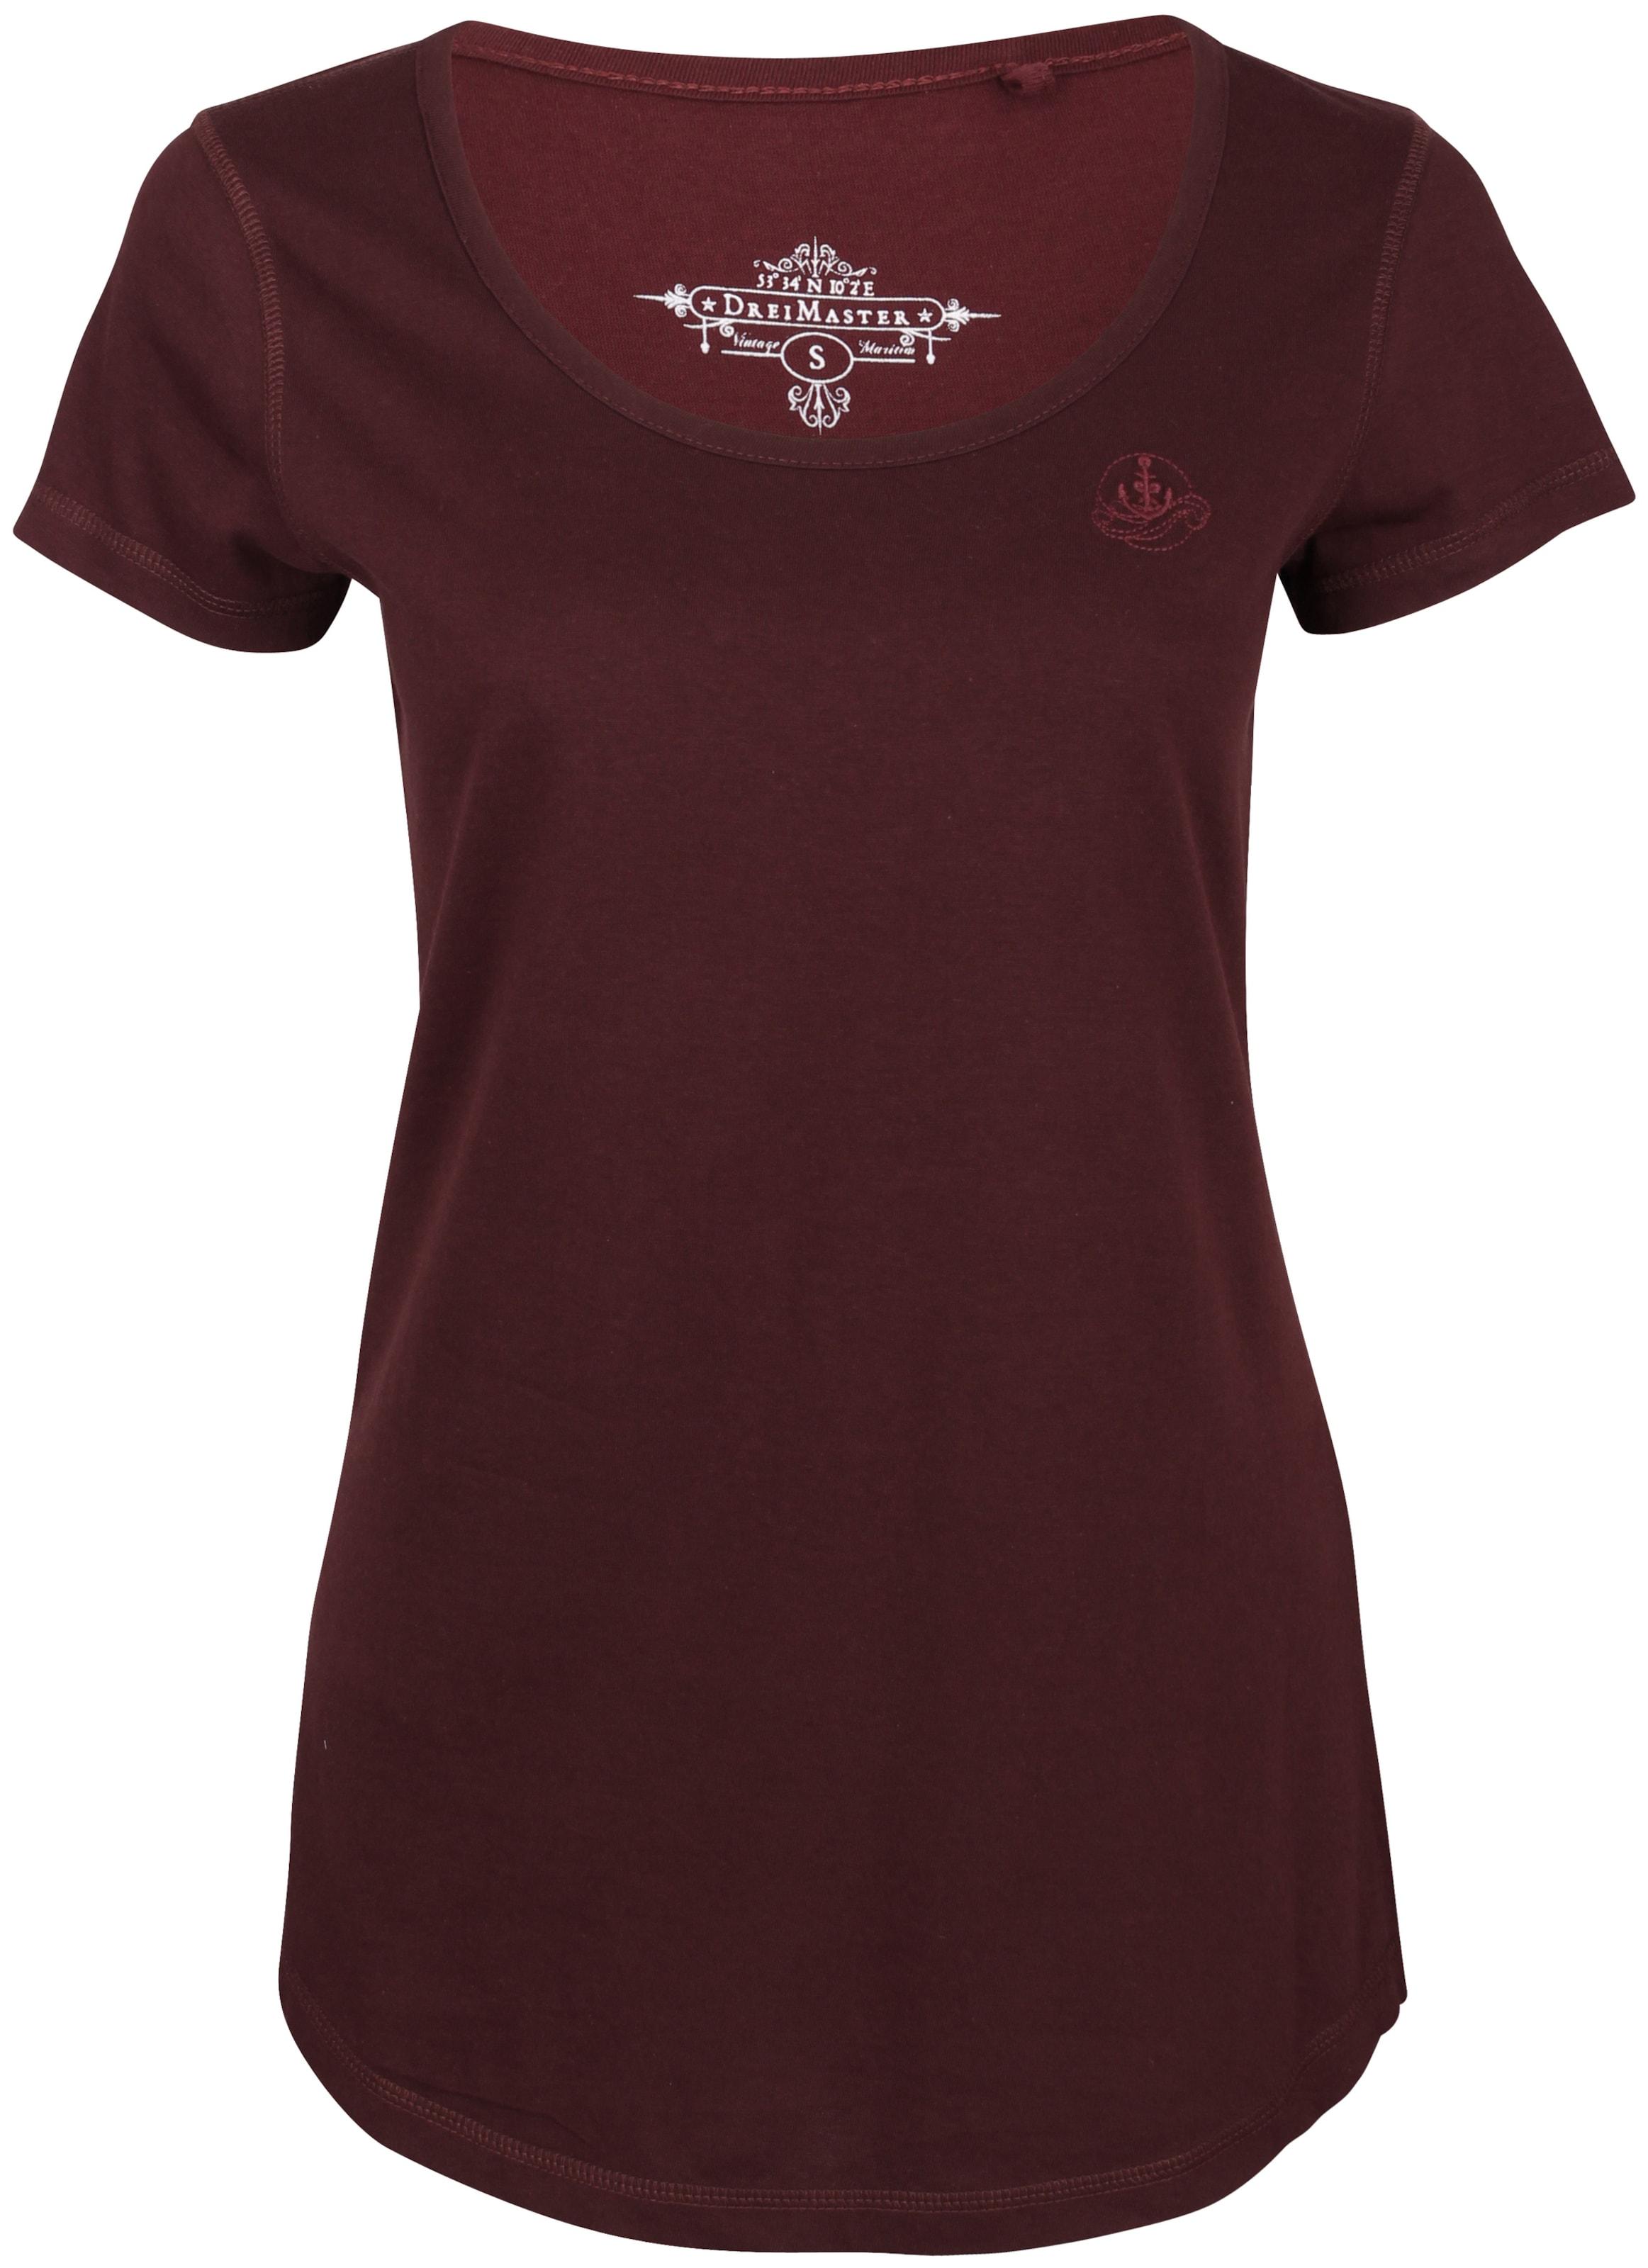 Rood Rood In Dreimaster Dreimaster Rood Shirt Dreimaster Shirt Shirt In In Dreimaster BodCex